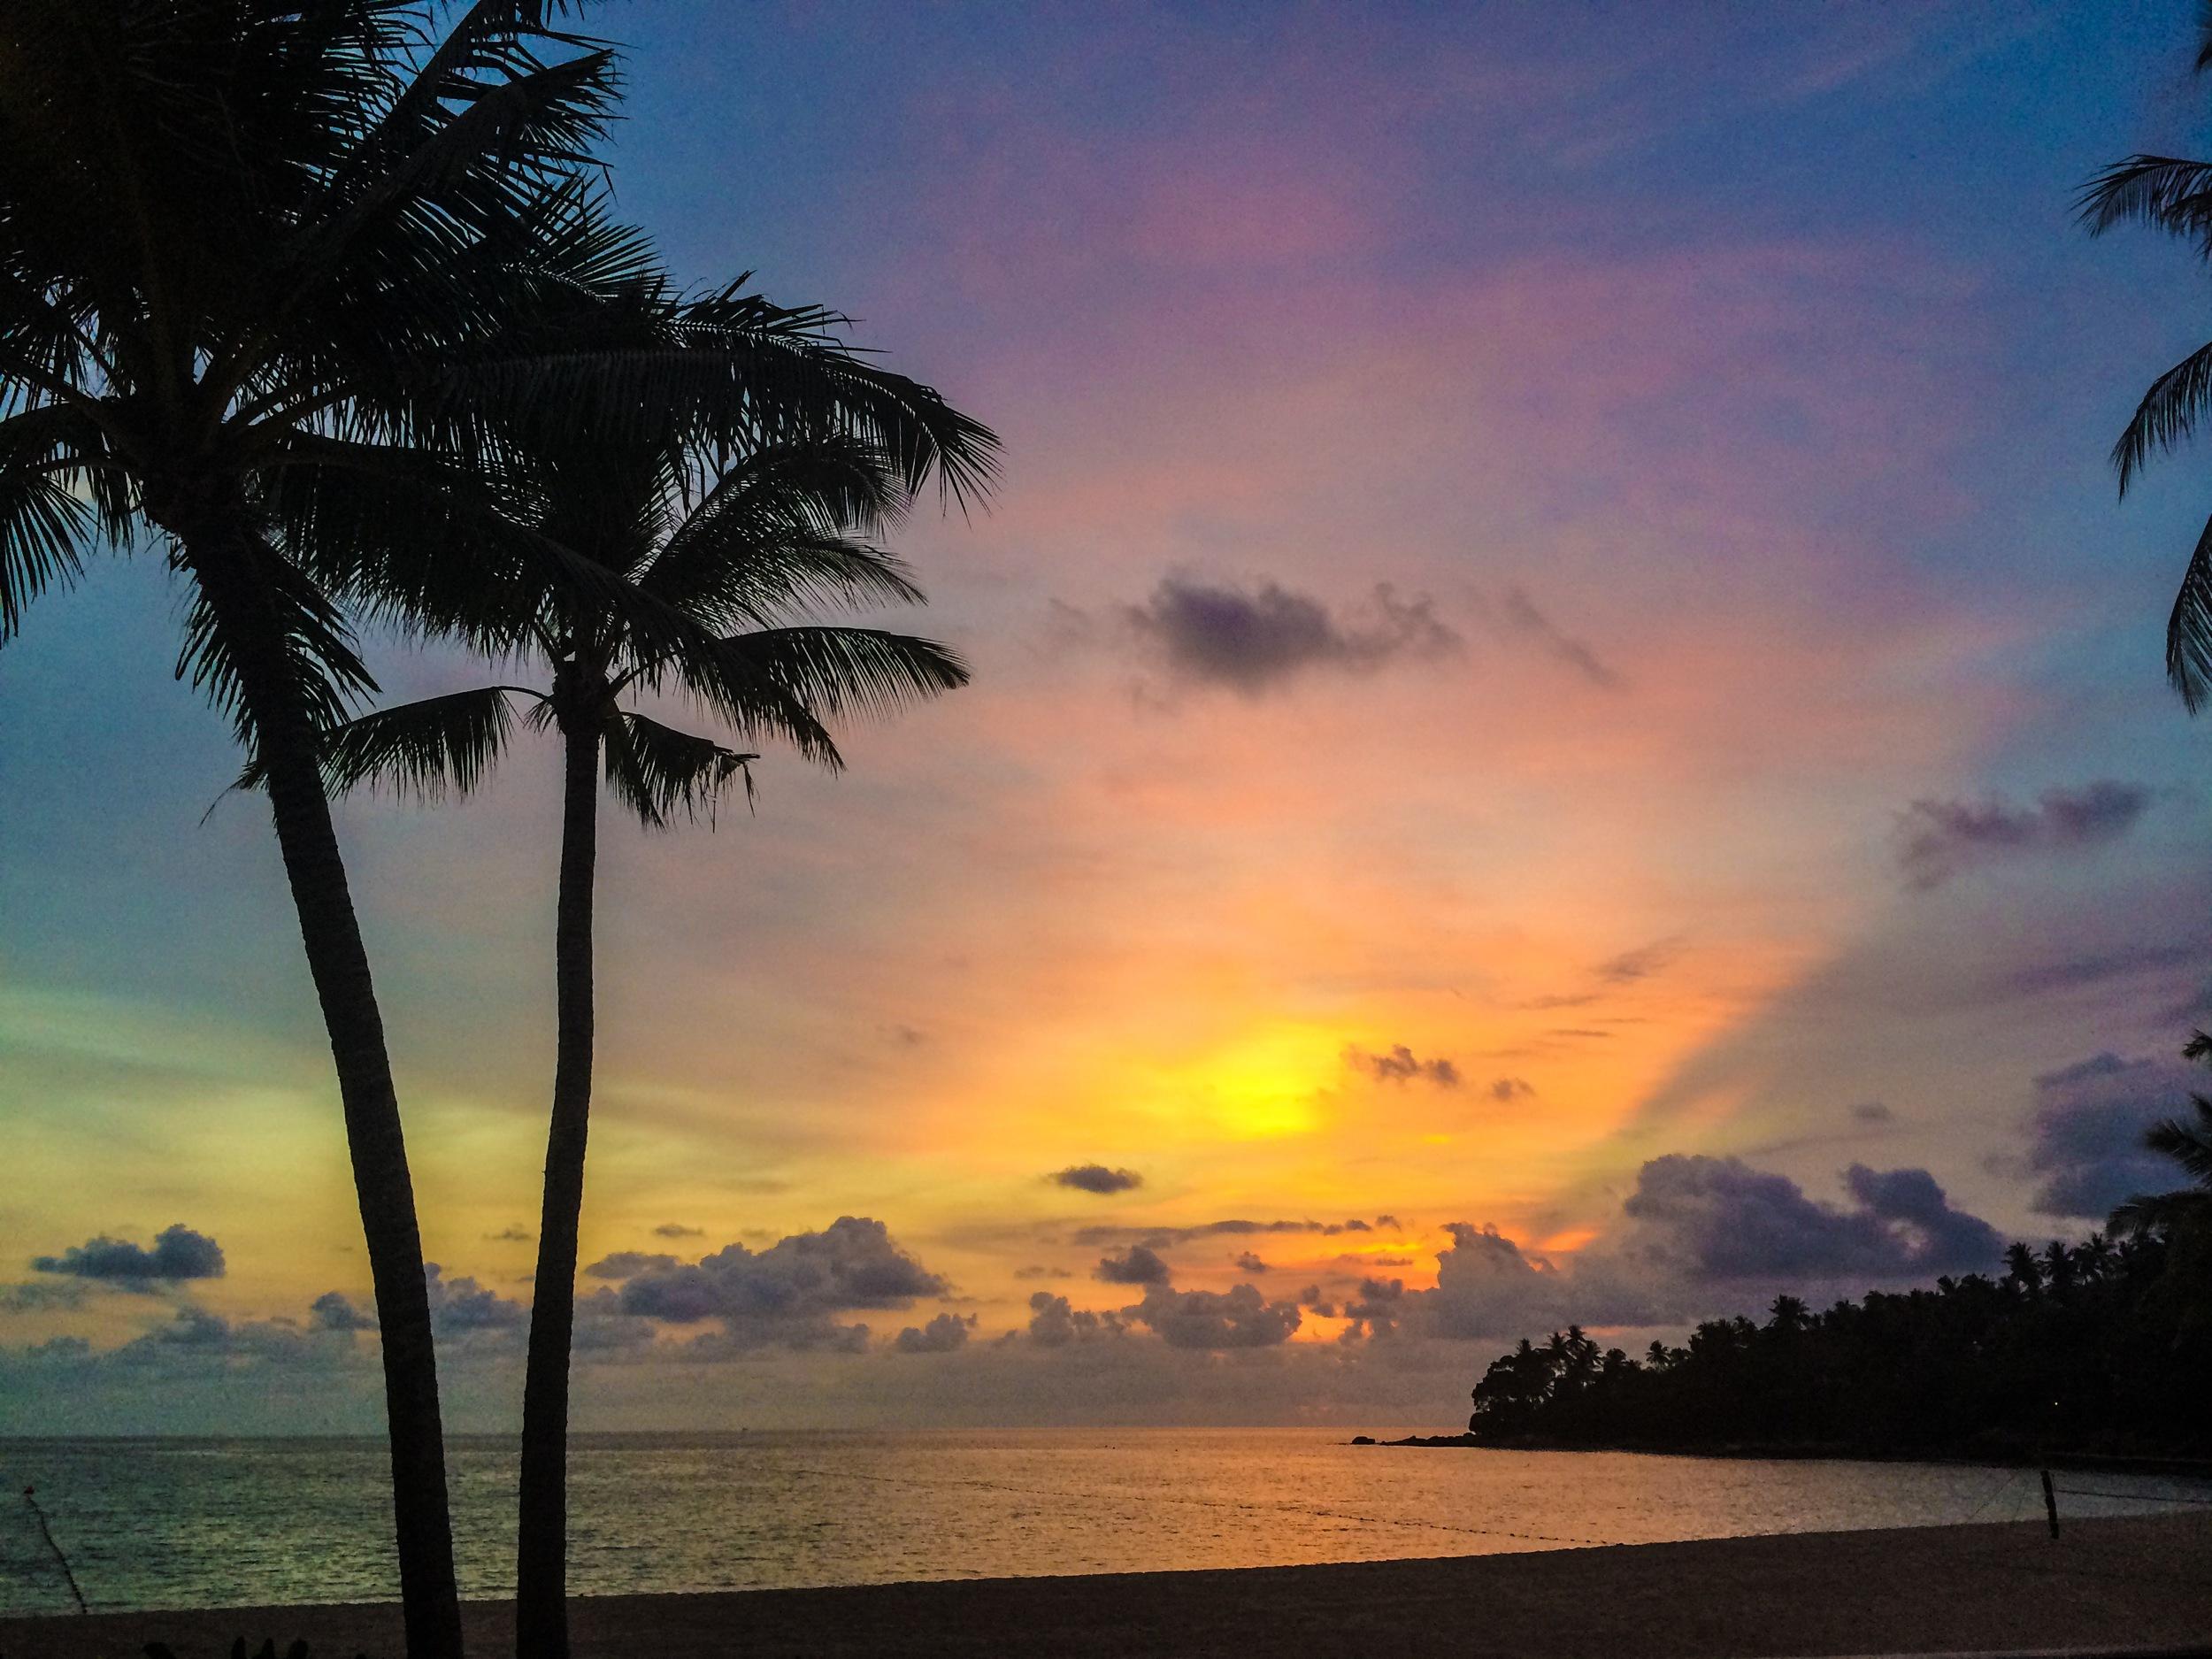 sunset thailand beach thisworldexists lauren baxter